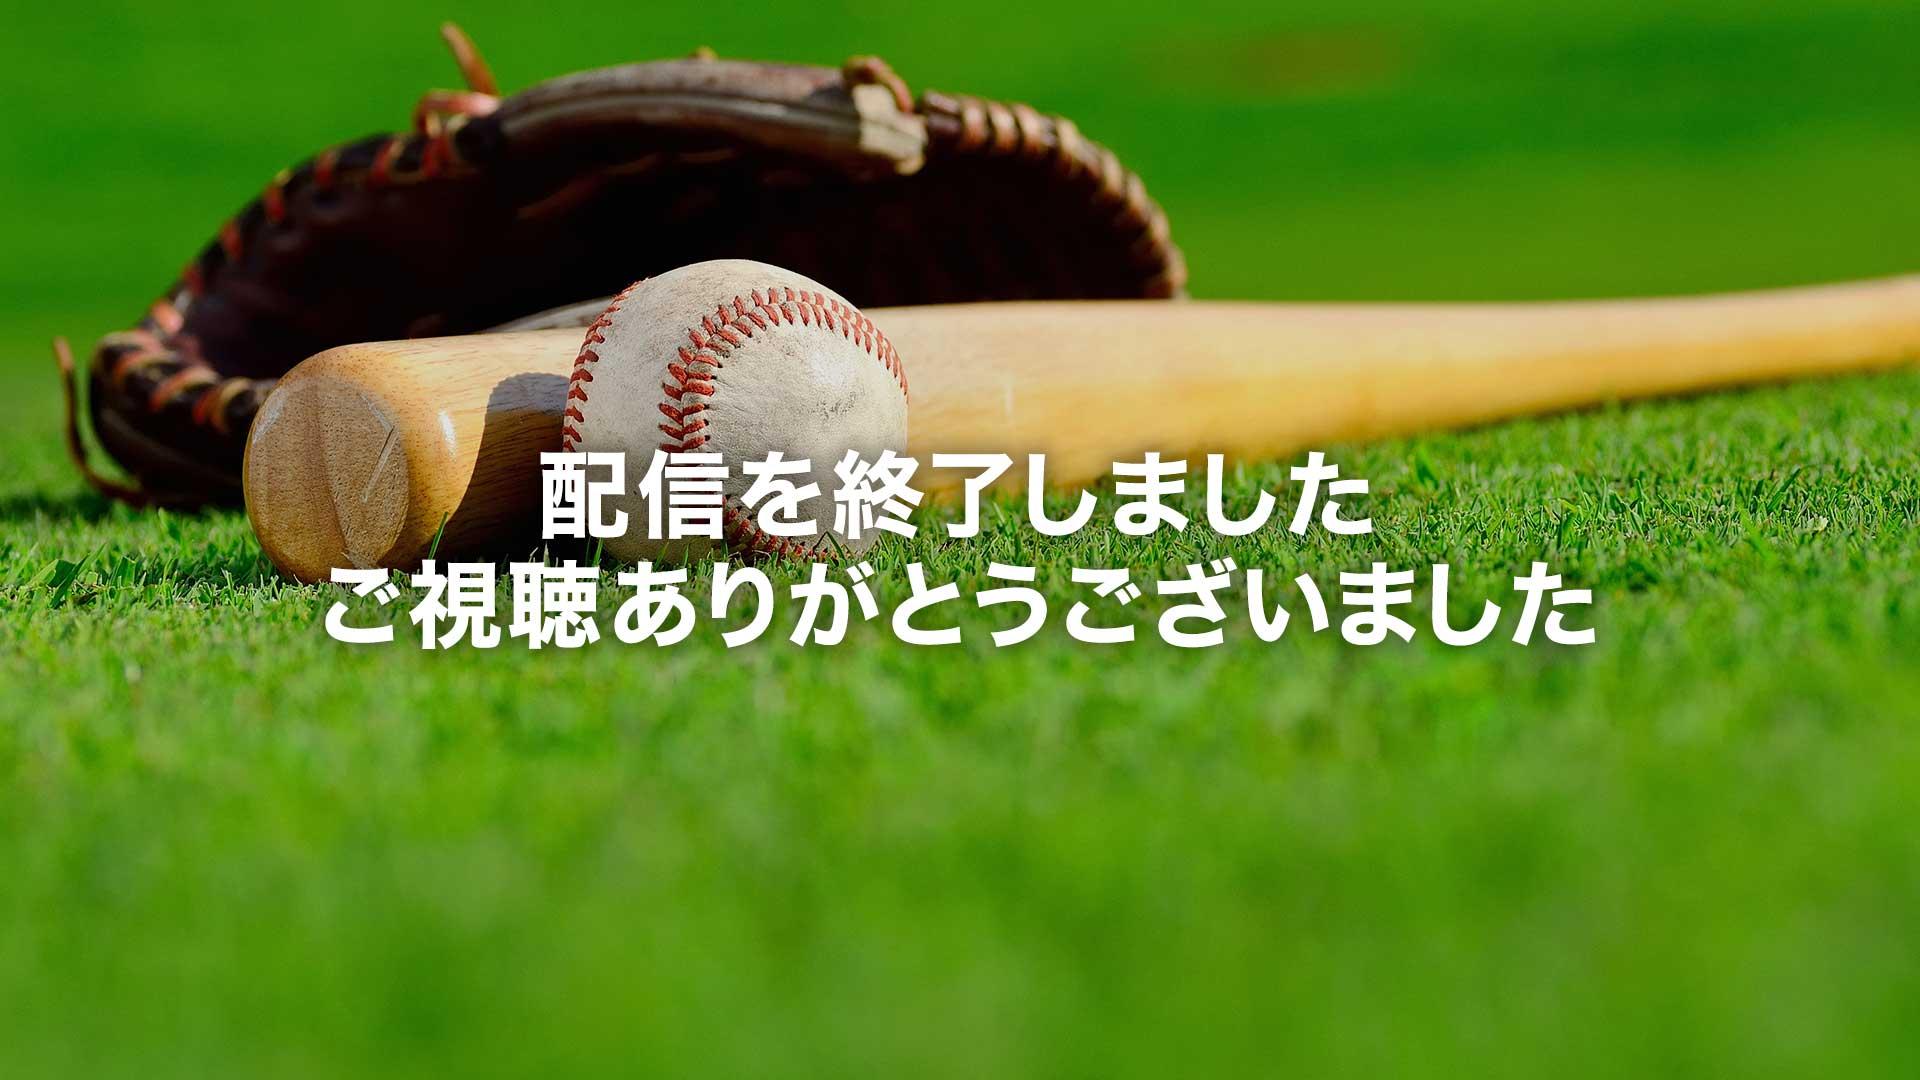 対 日本 ハム 西武